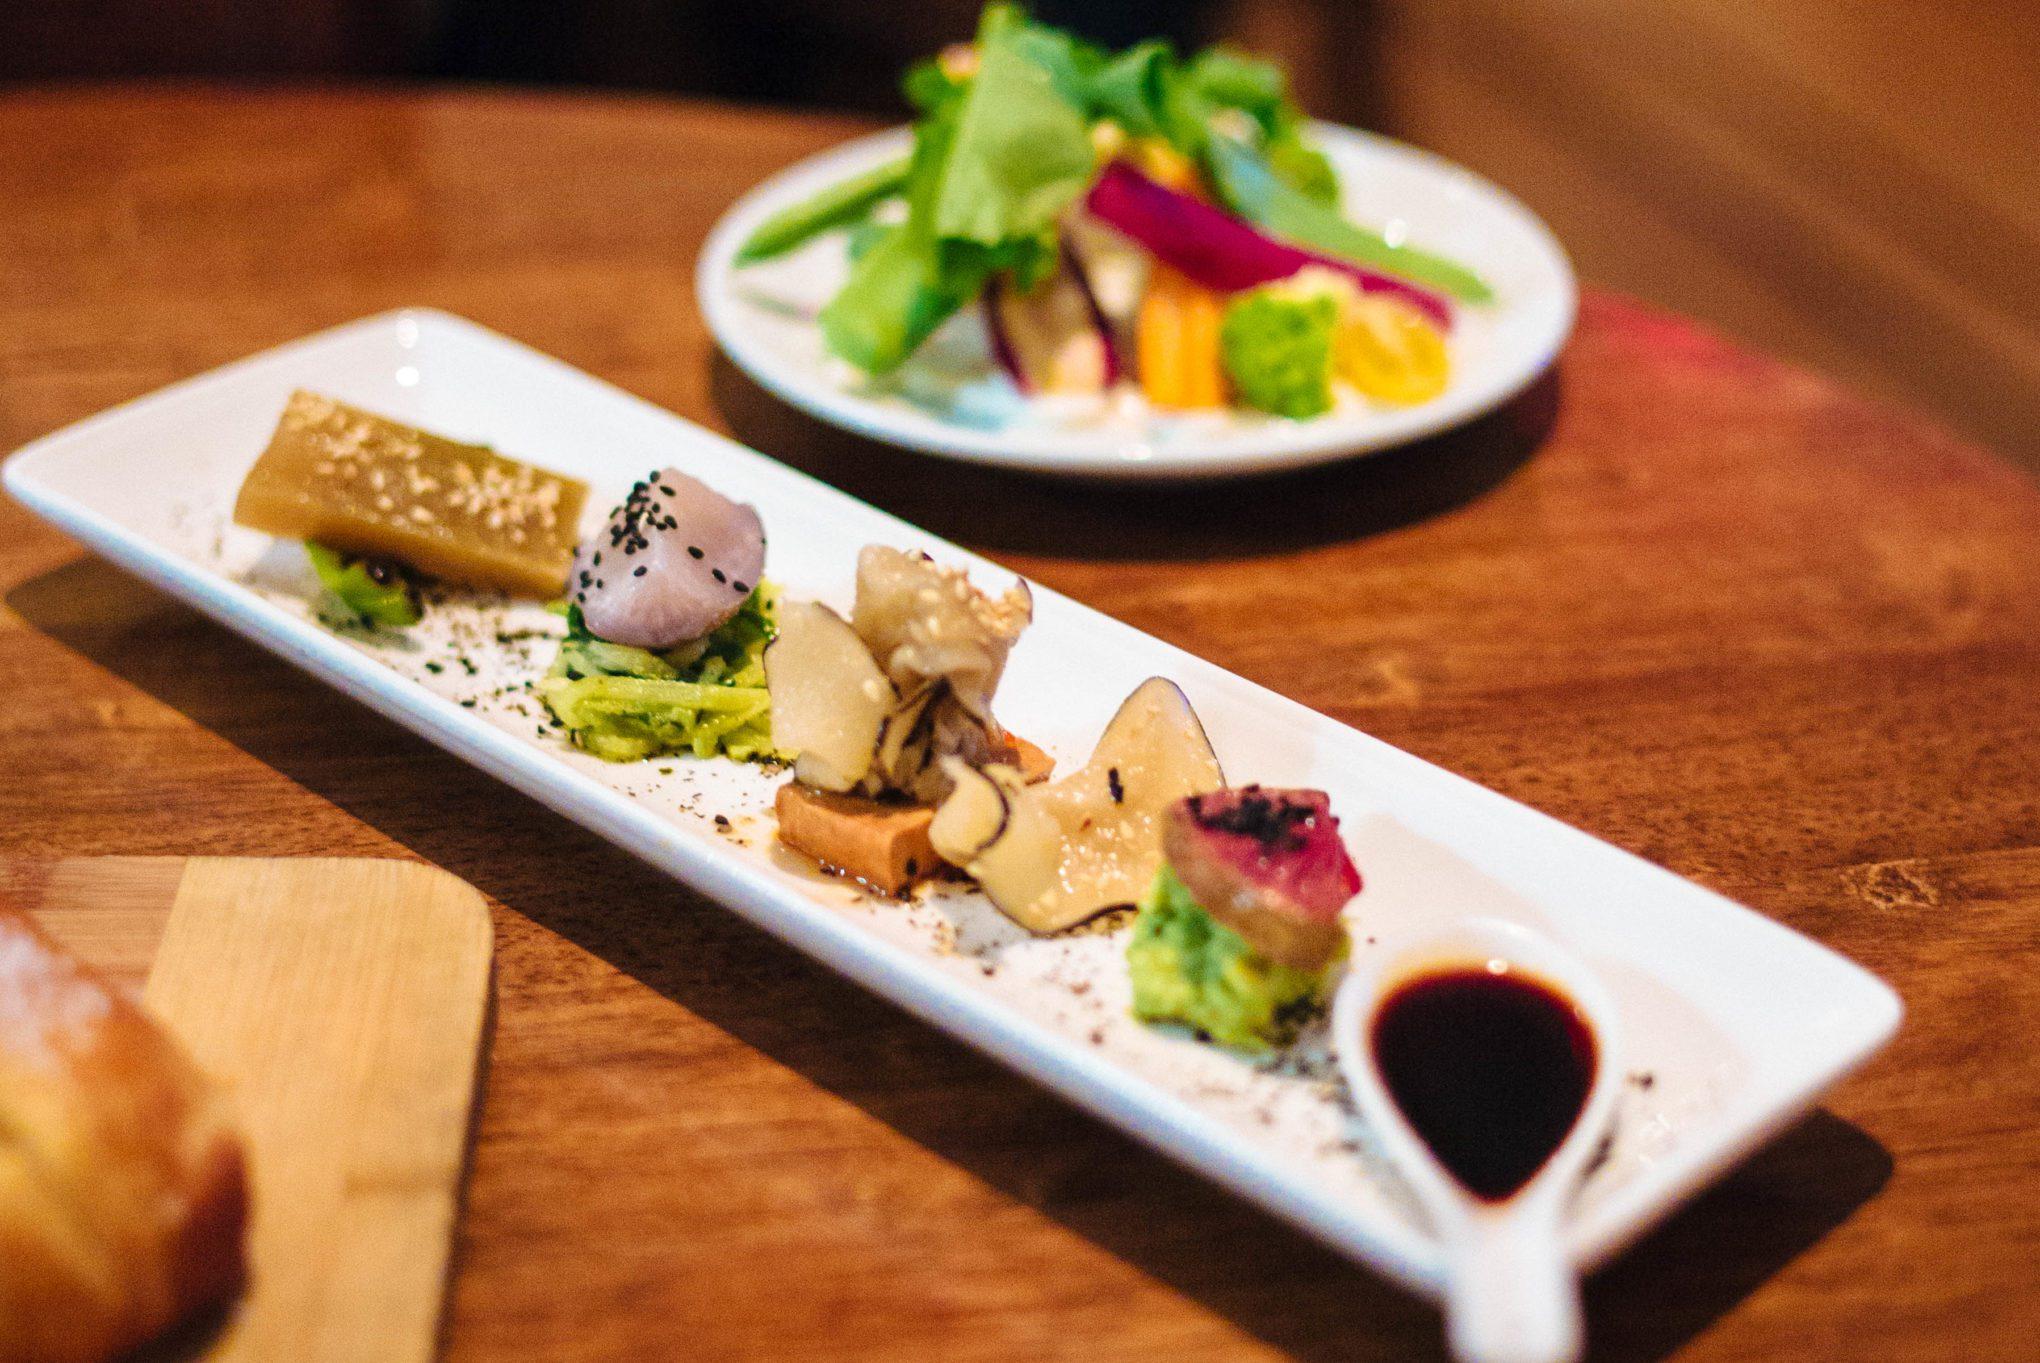 You must visit the best vegan restaurant in Philadelphia, Vedge, The Taste SF #travel #vegan #philly